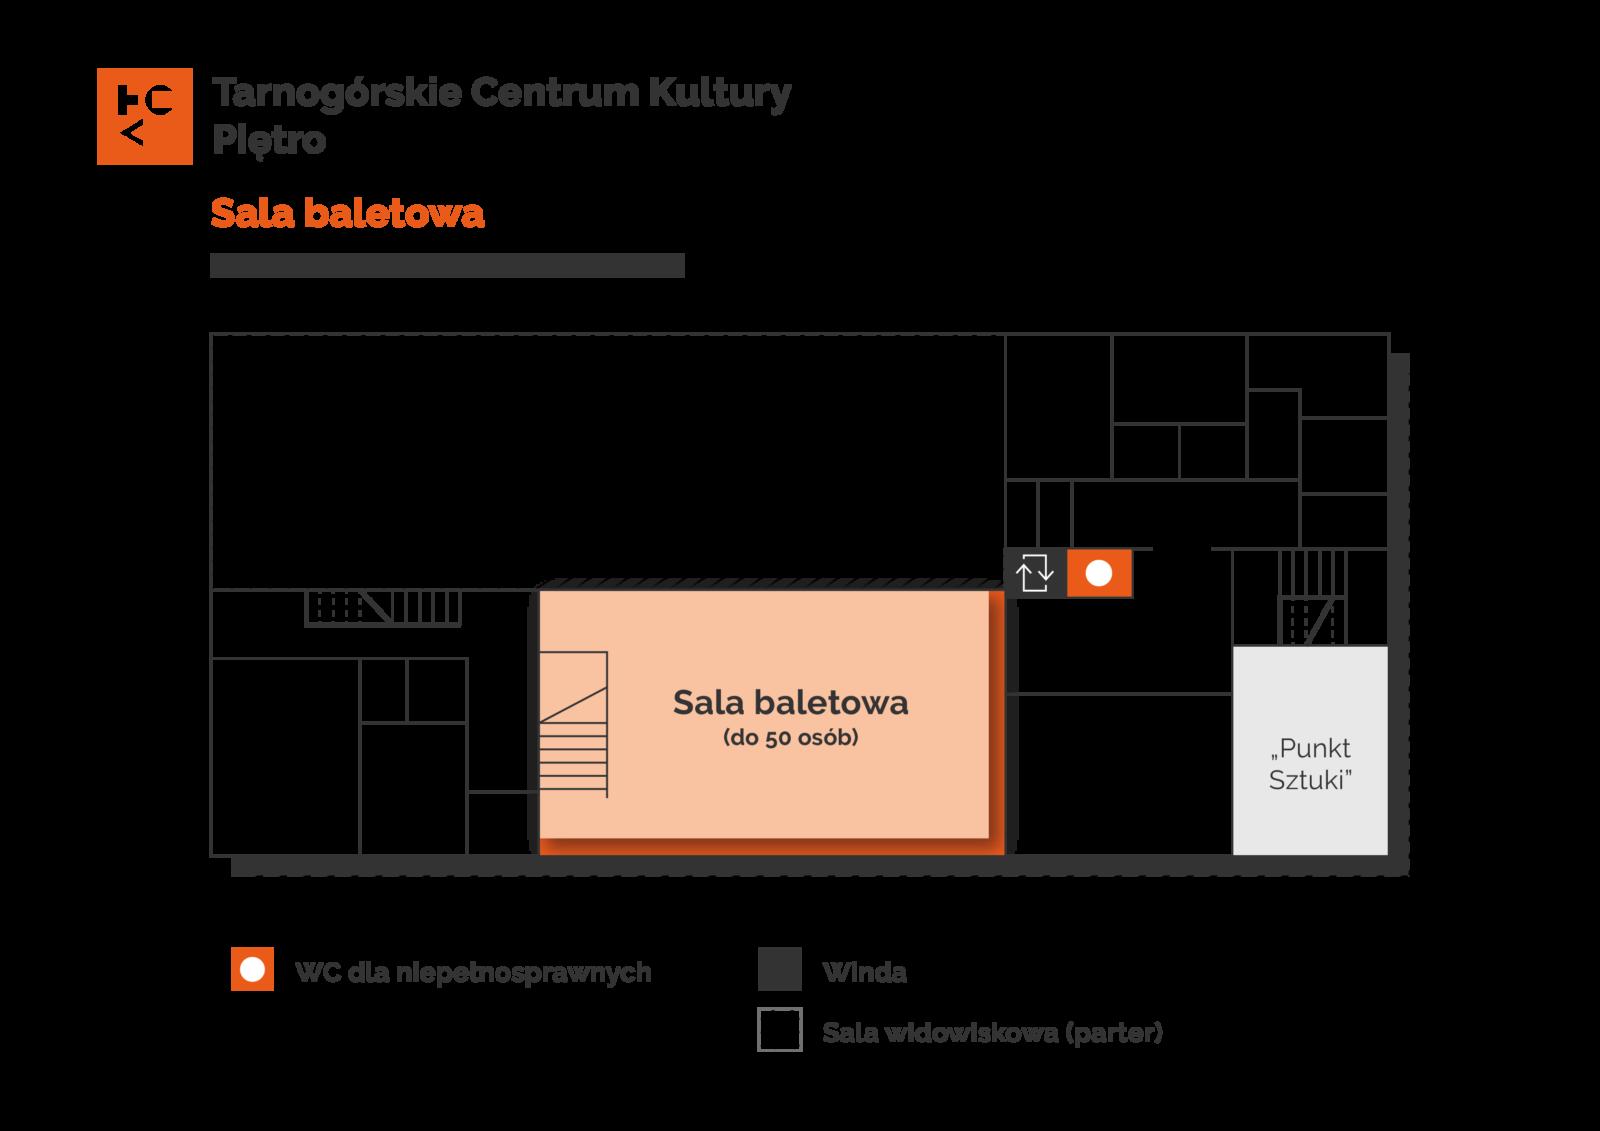 Grafika przedstawia plan pierwszego piętra budynku TCK z zaznaczeniem sali baletowej